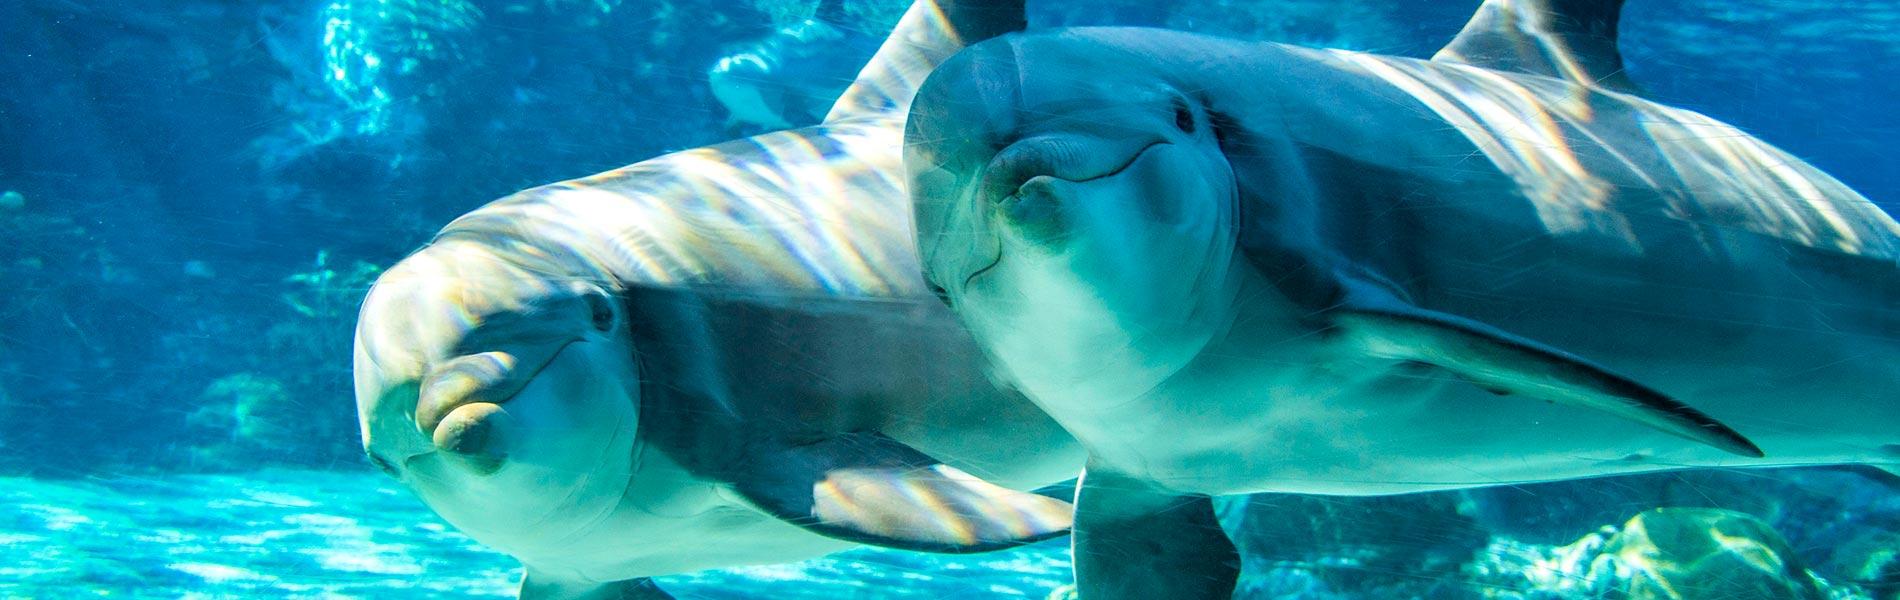 Dolphin Encounter Tour at SeaWorld San Diego